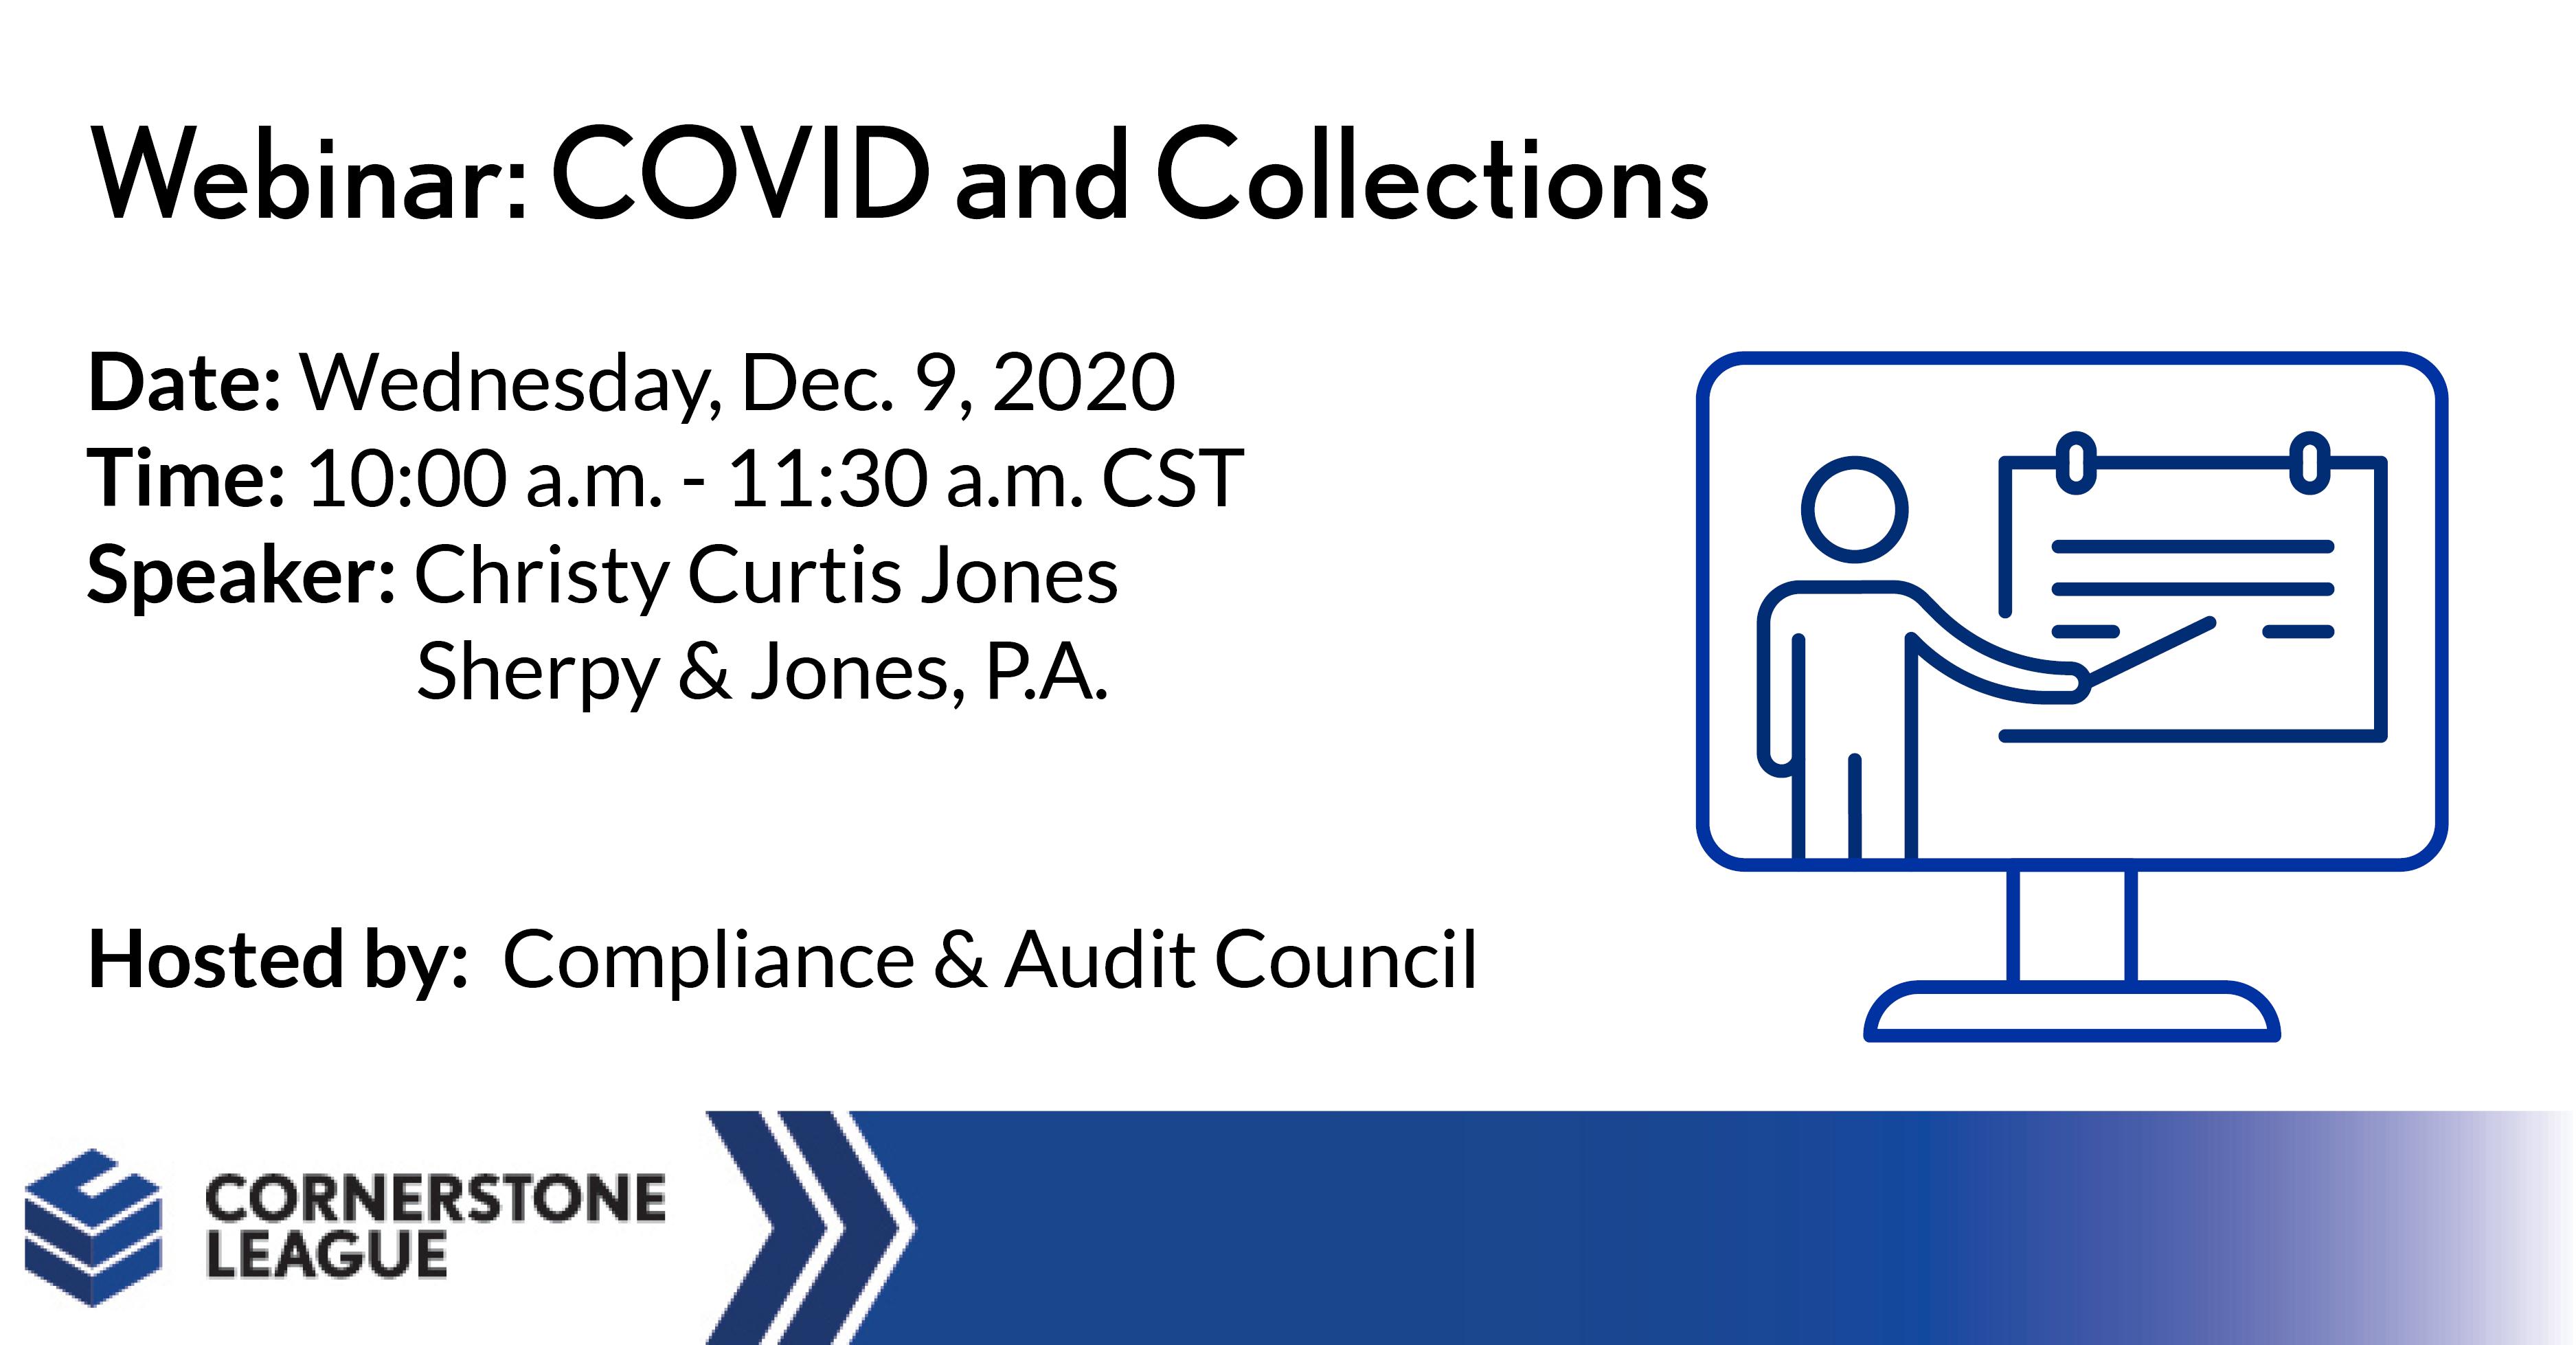 Compliance & Audit Council Webinar